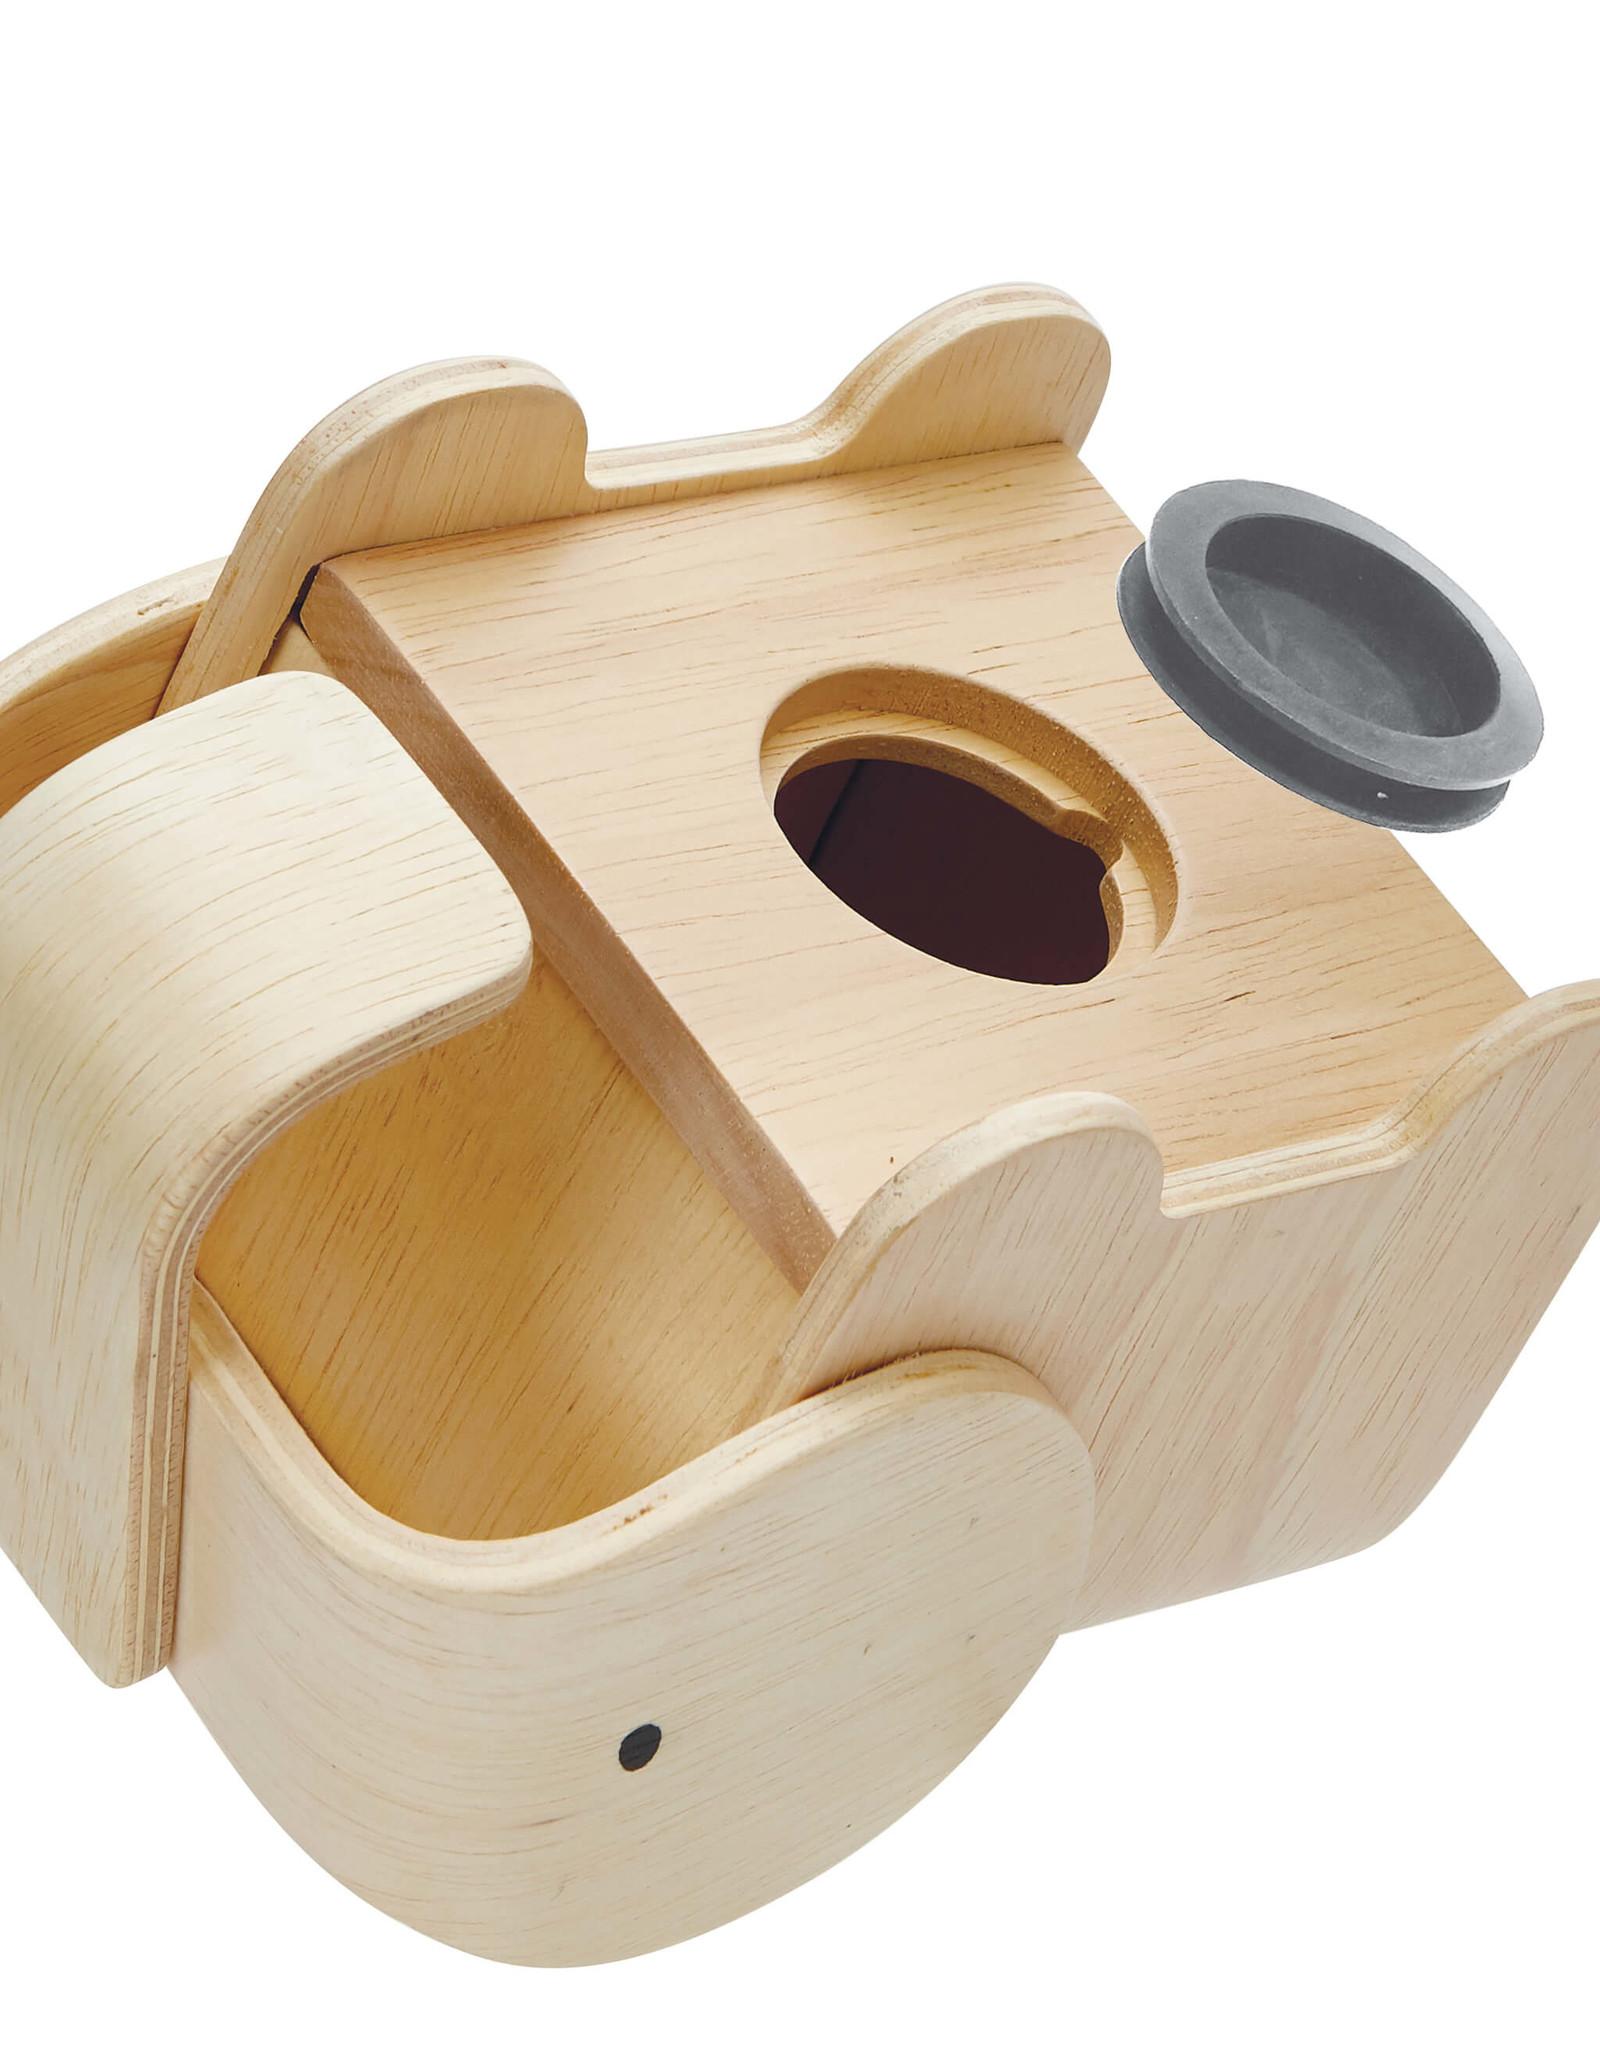 Plan Toys Kidsdepot - SPAARPOT - OLIFANT